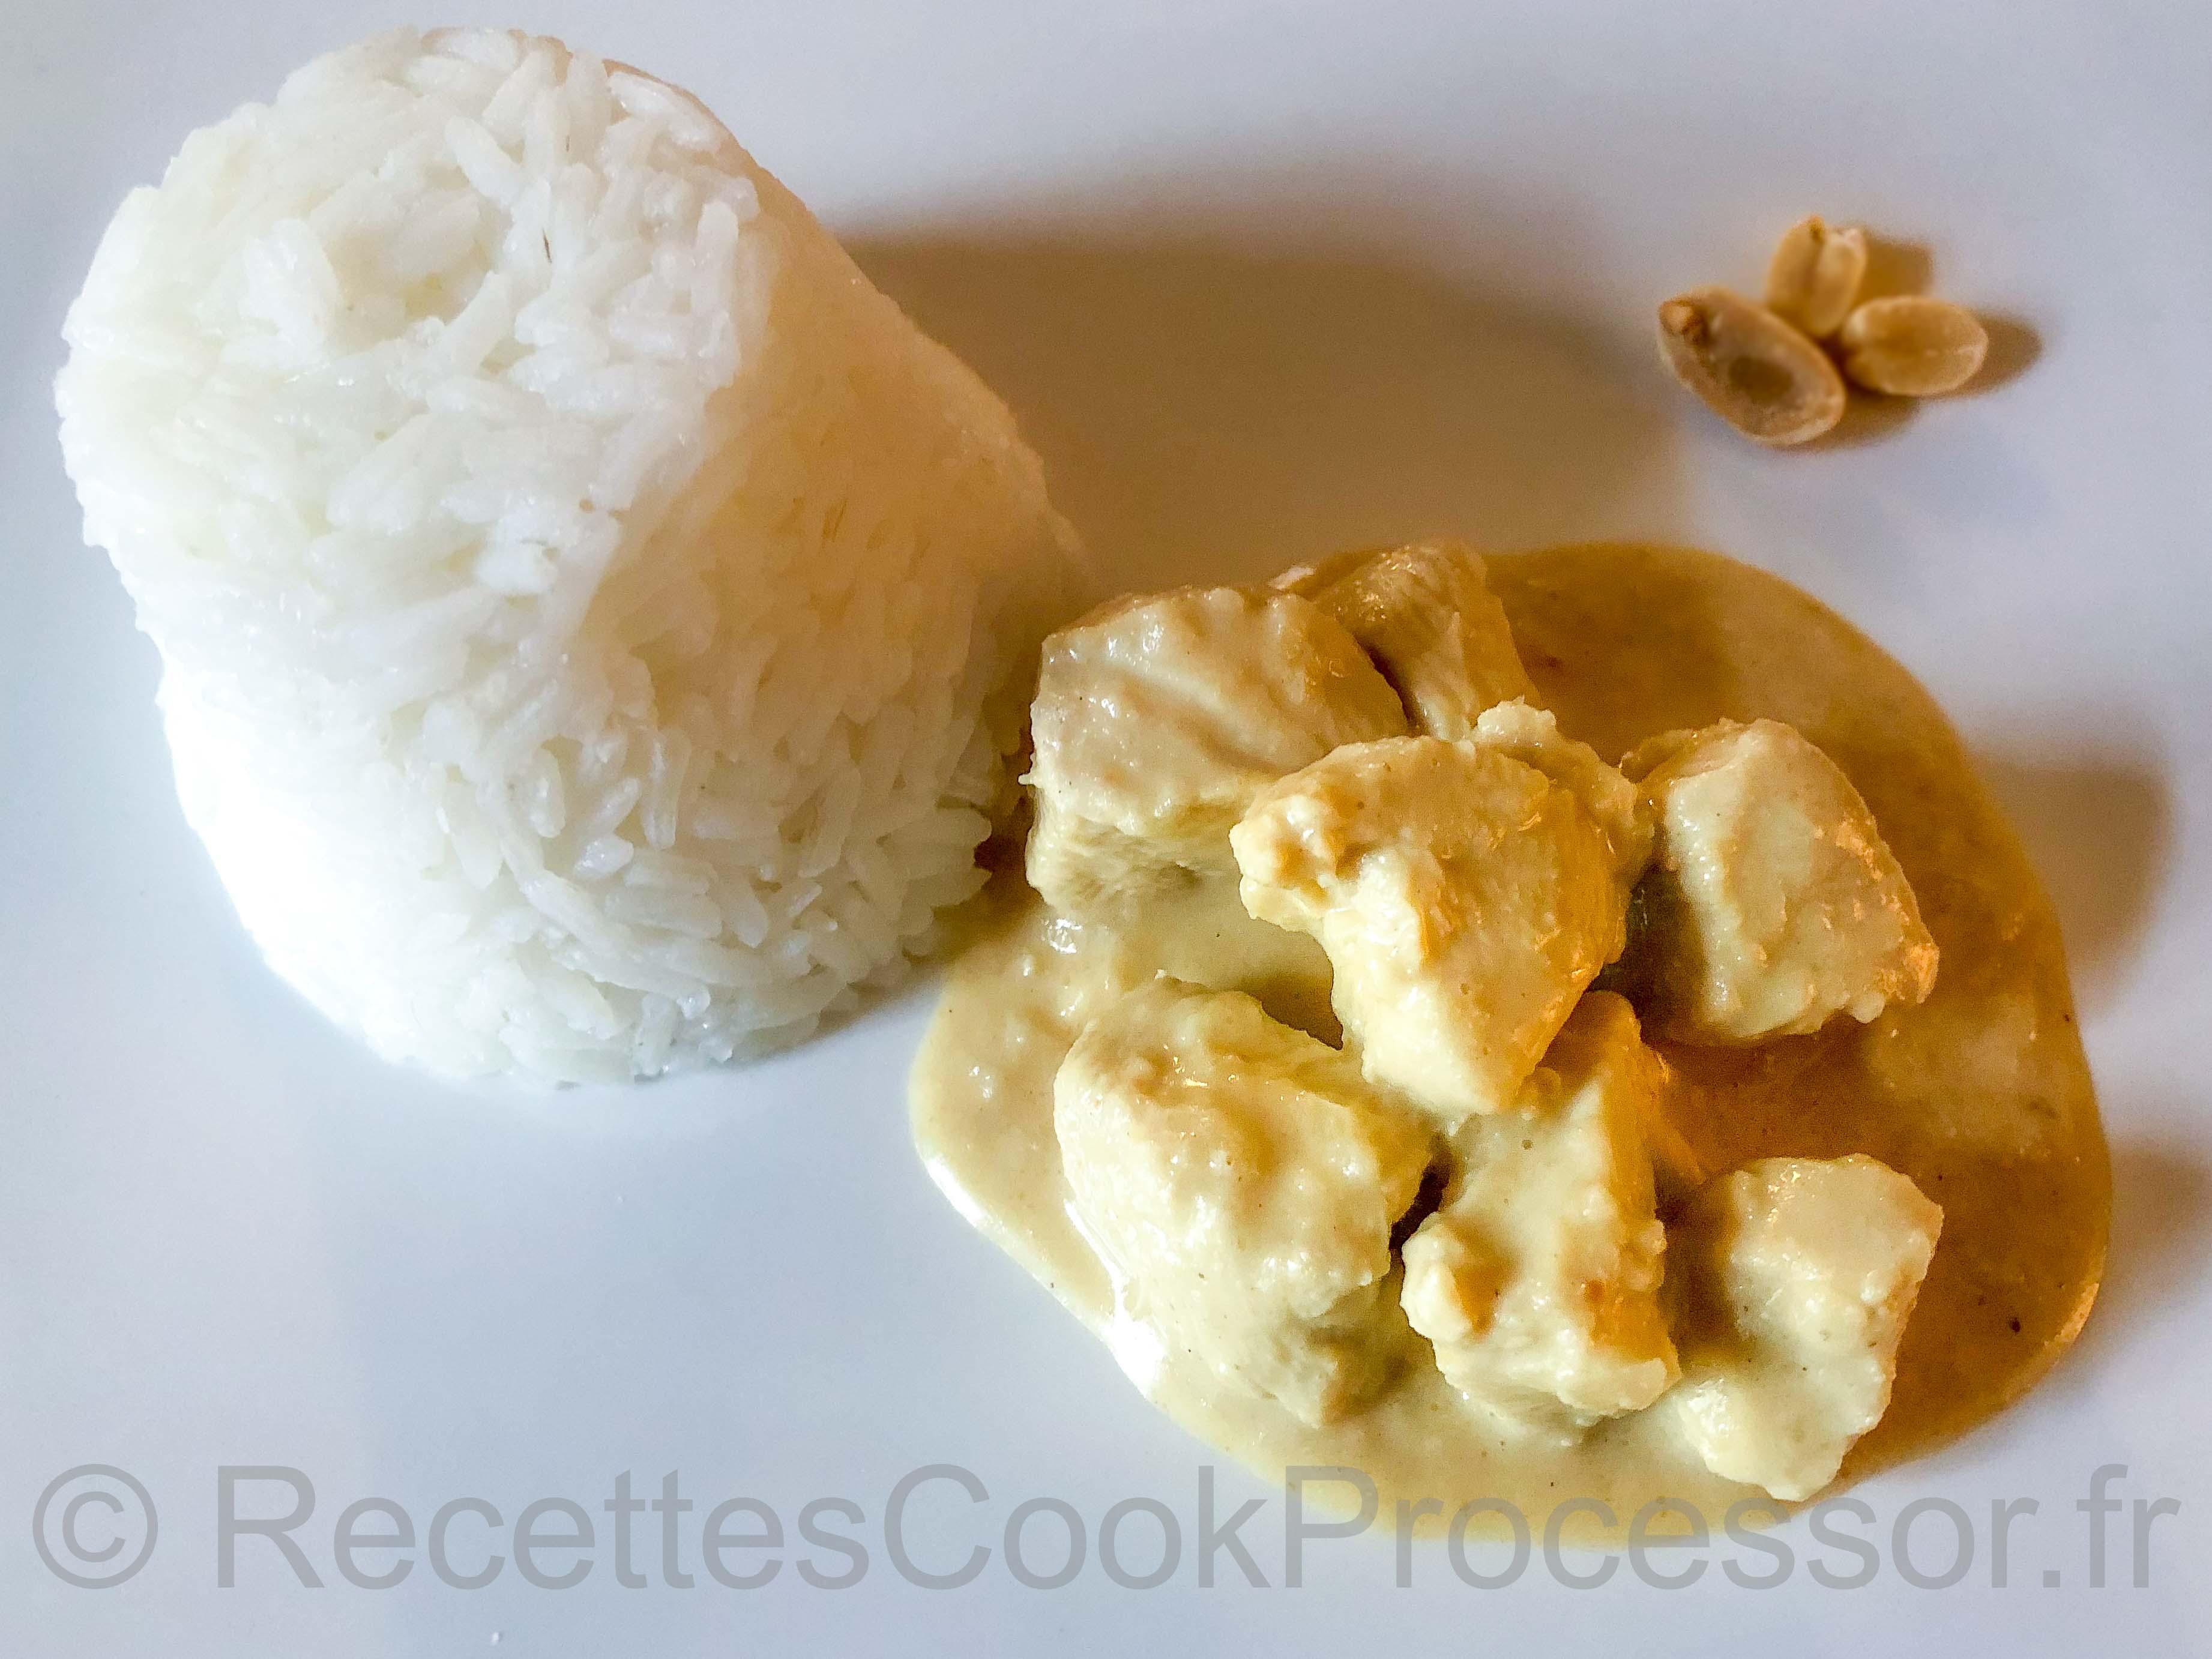 Poulet aux cacahuètes